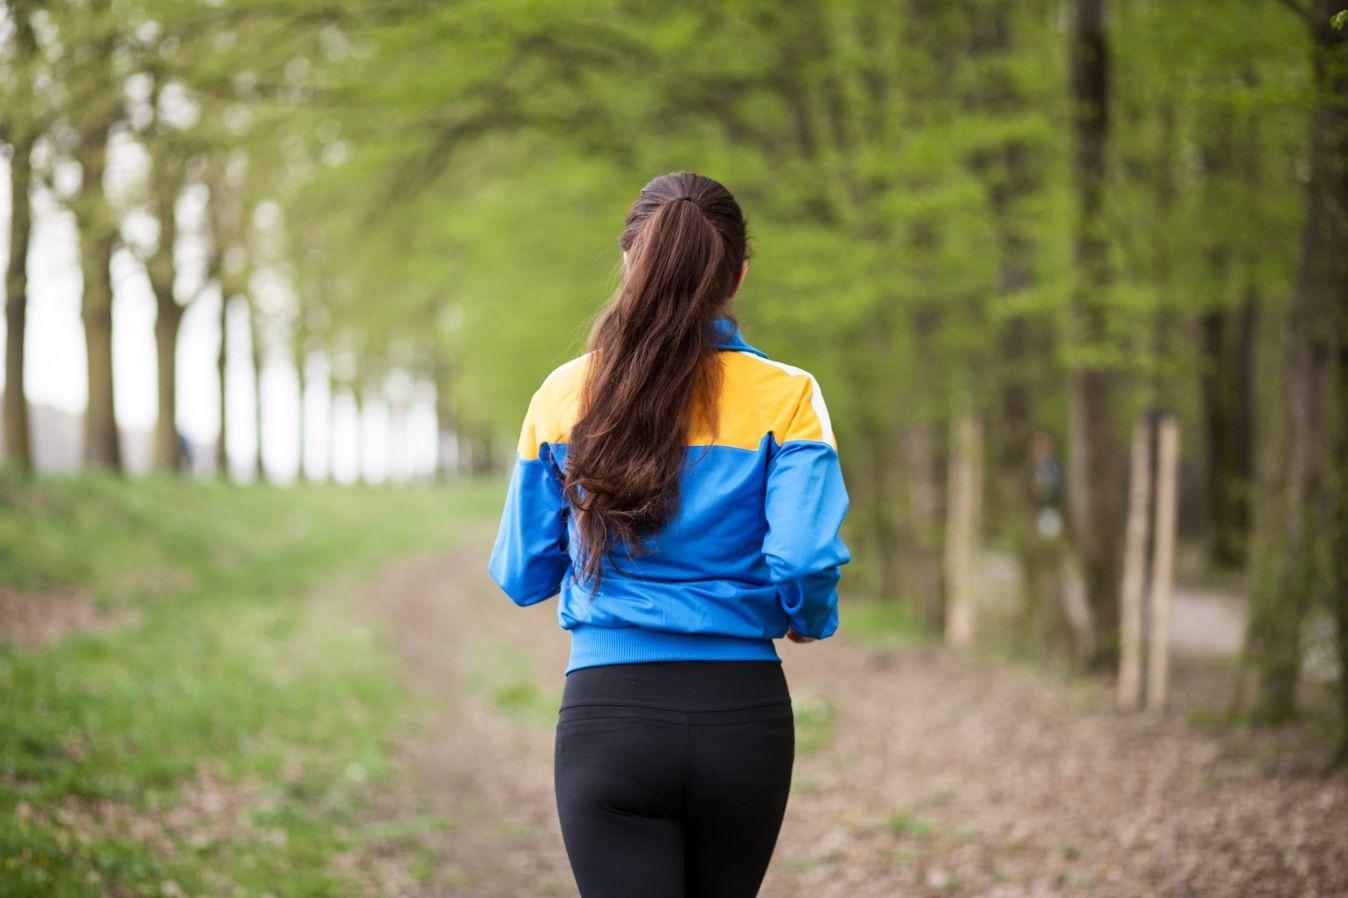 Bavljenje rekrativnim sportom preduvjet uspjeha na profesionalnom i osobnom planu